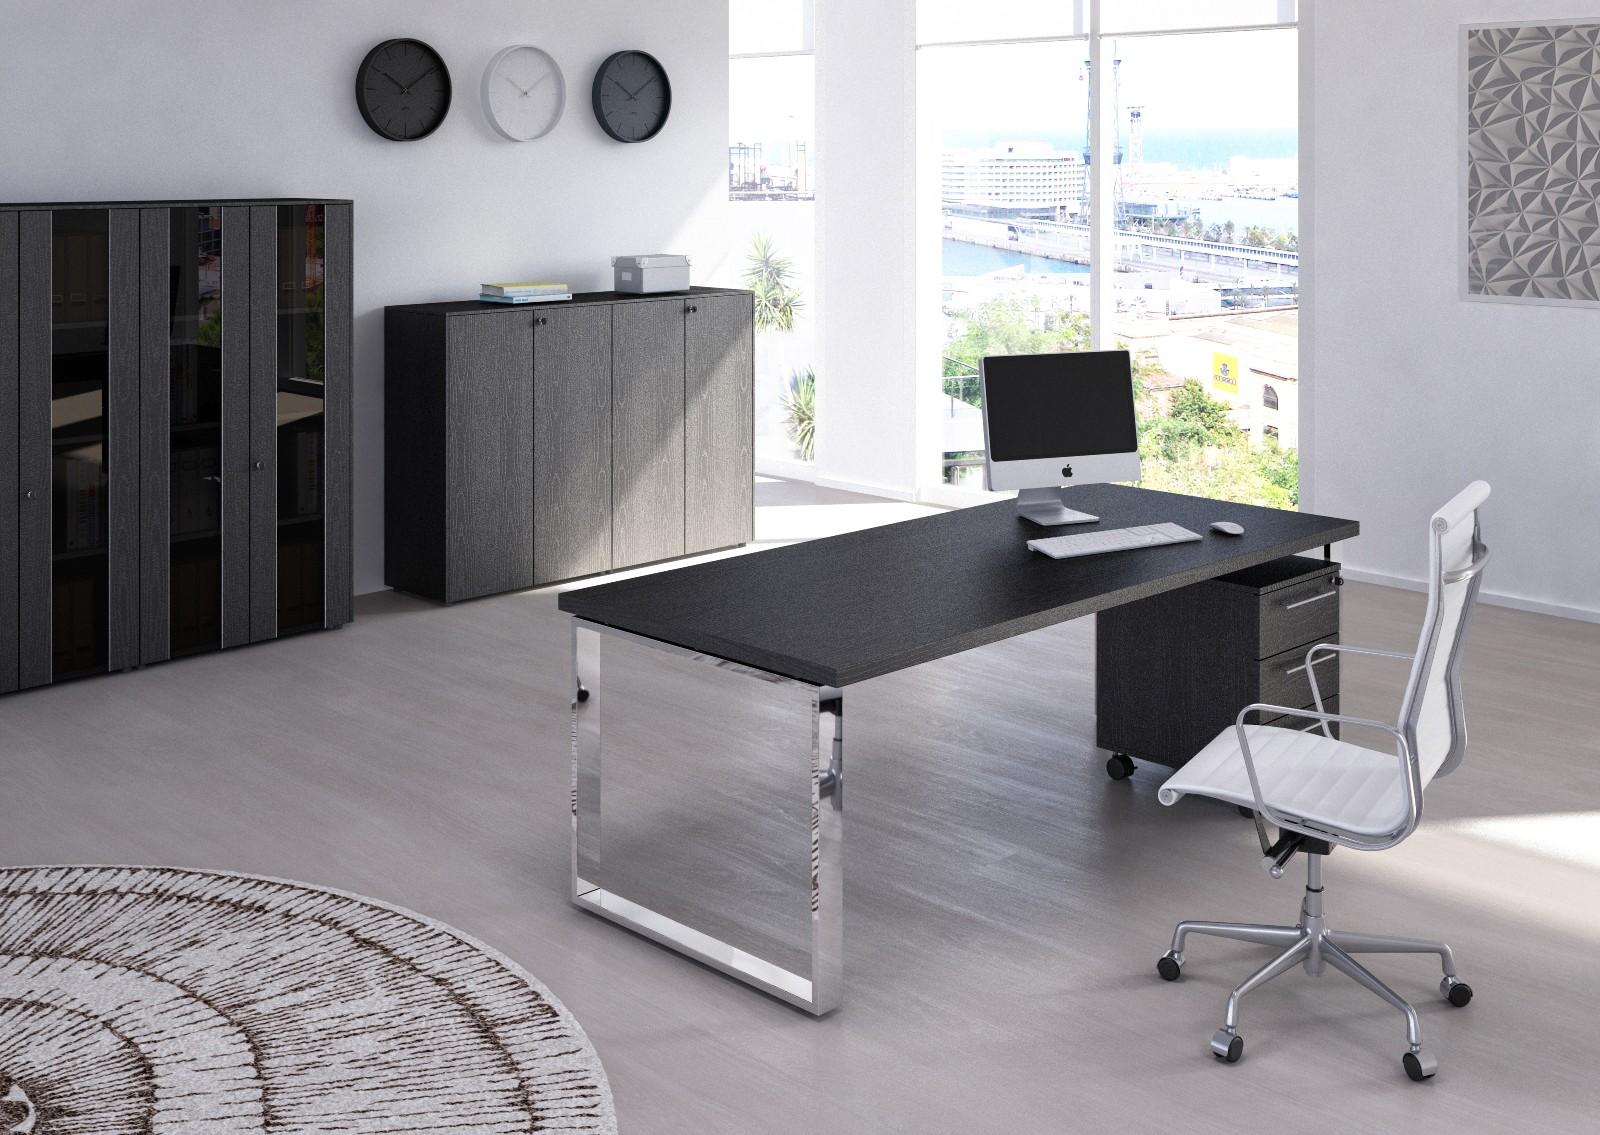 bureau flora m tal achat bureaux de direction 556 00. Black Bedroom Furniture Sets. Home Design Ideas